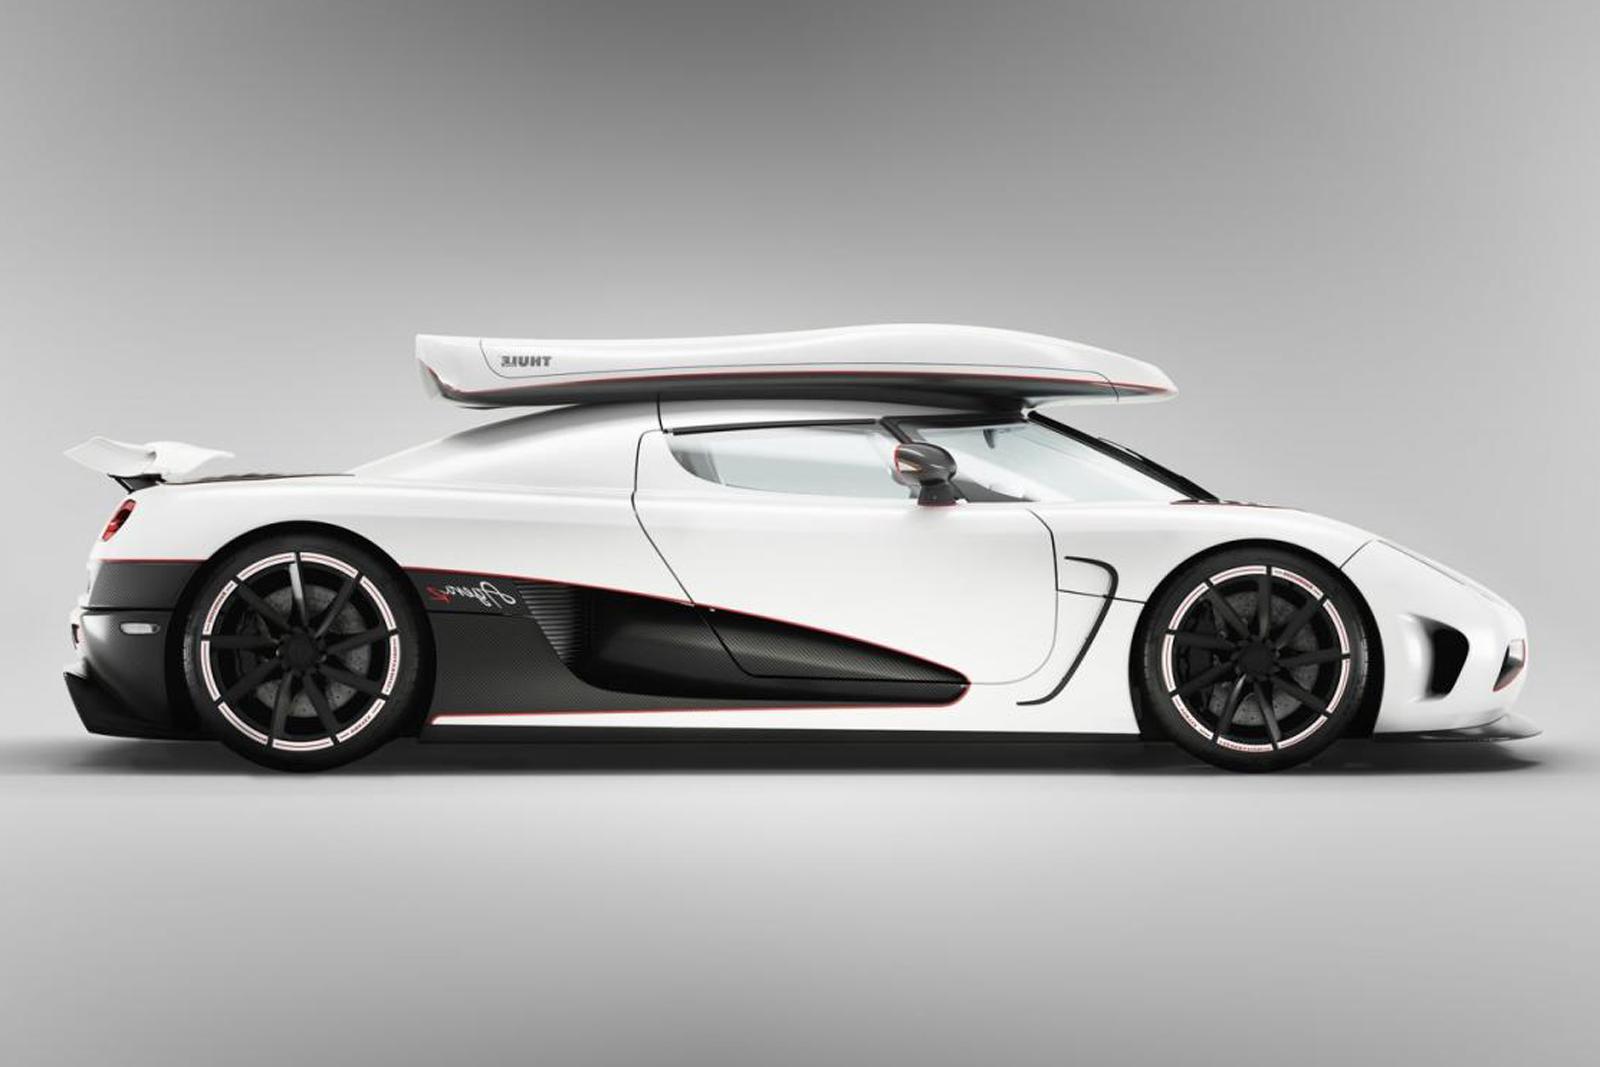 For Koenigsegg Agera R